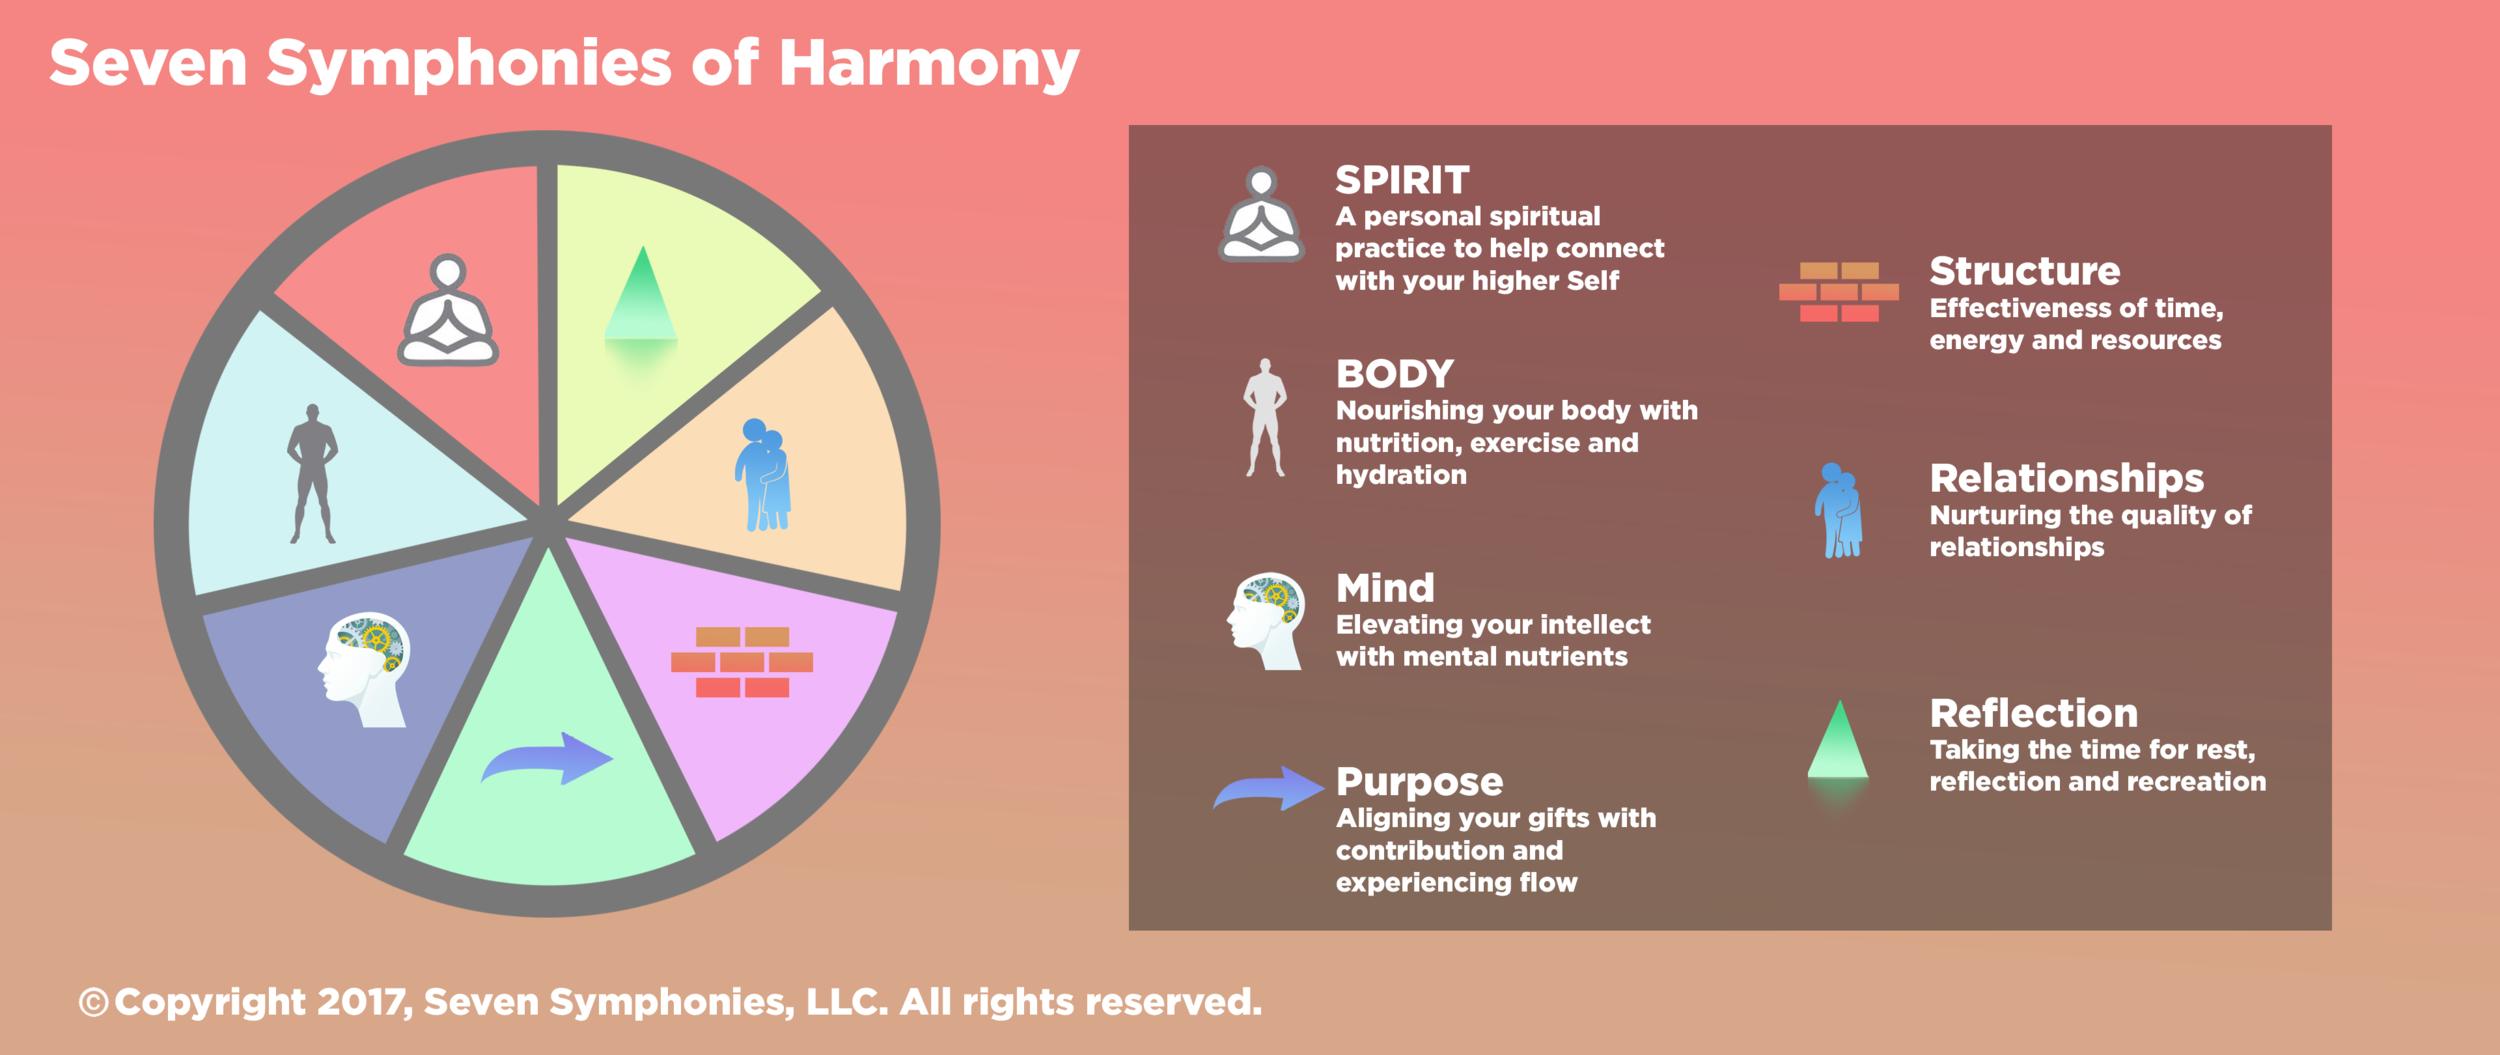 Harmony Integration